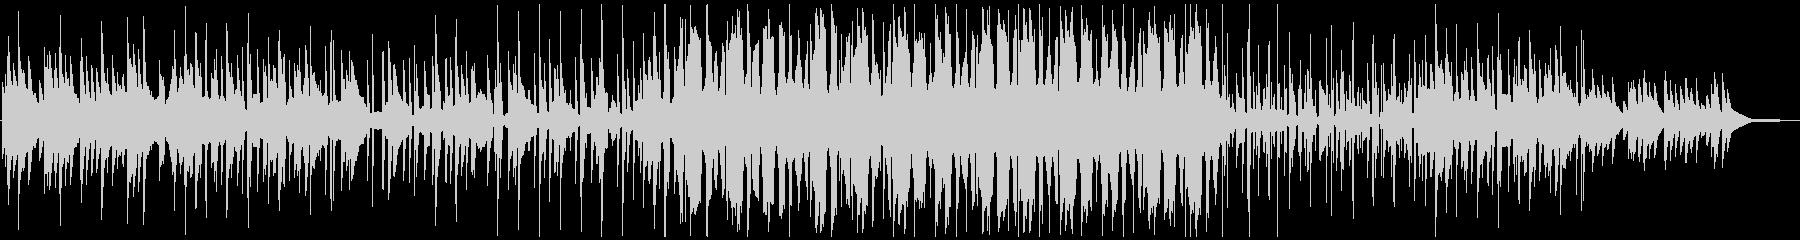 キラキラしたピアノChill hopの未再生の波形